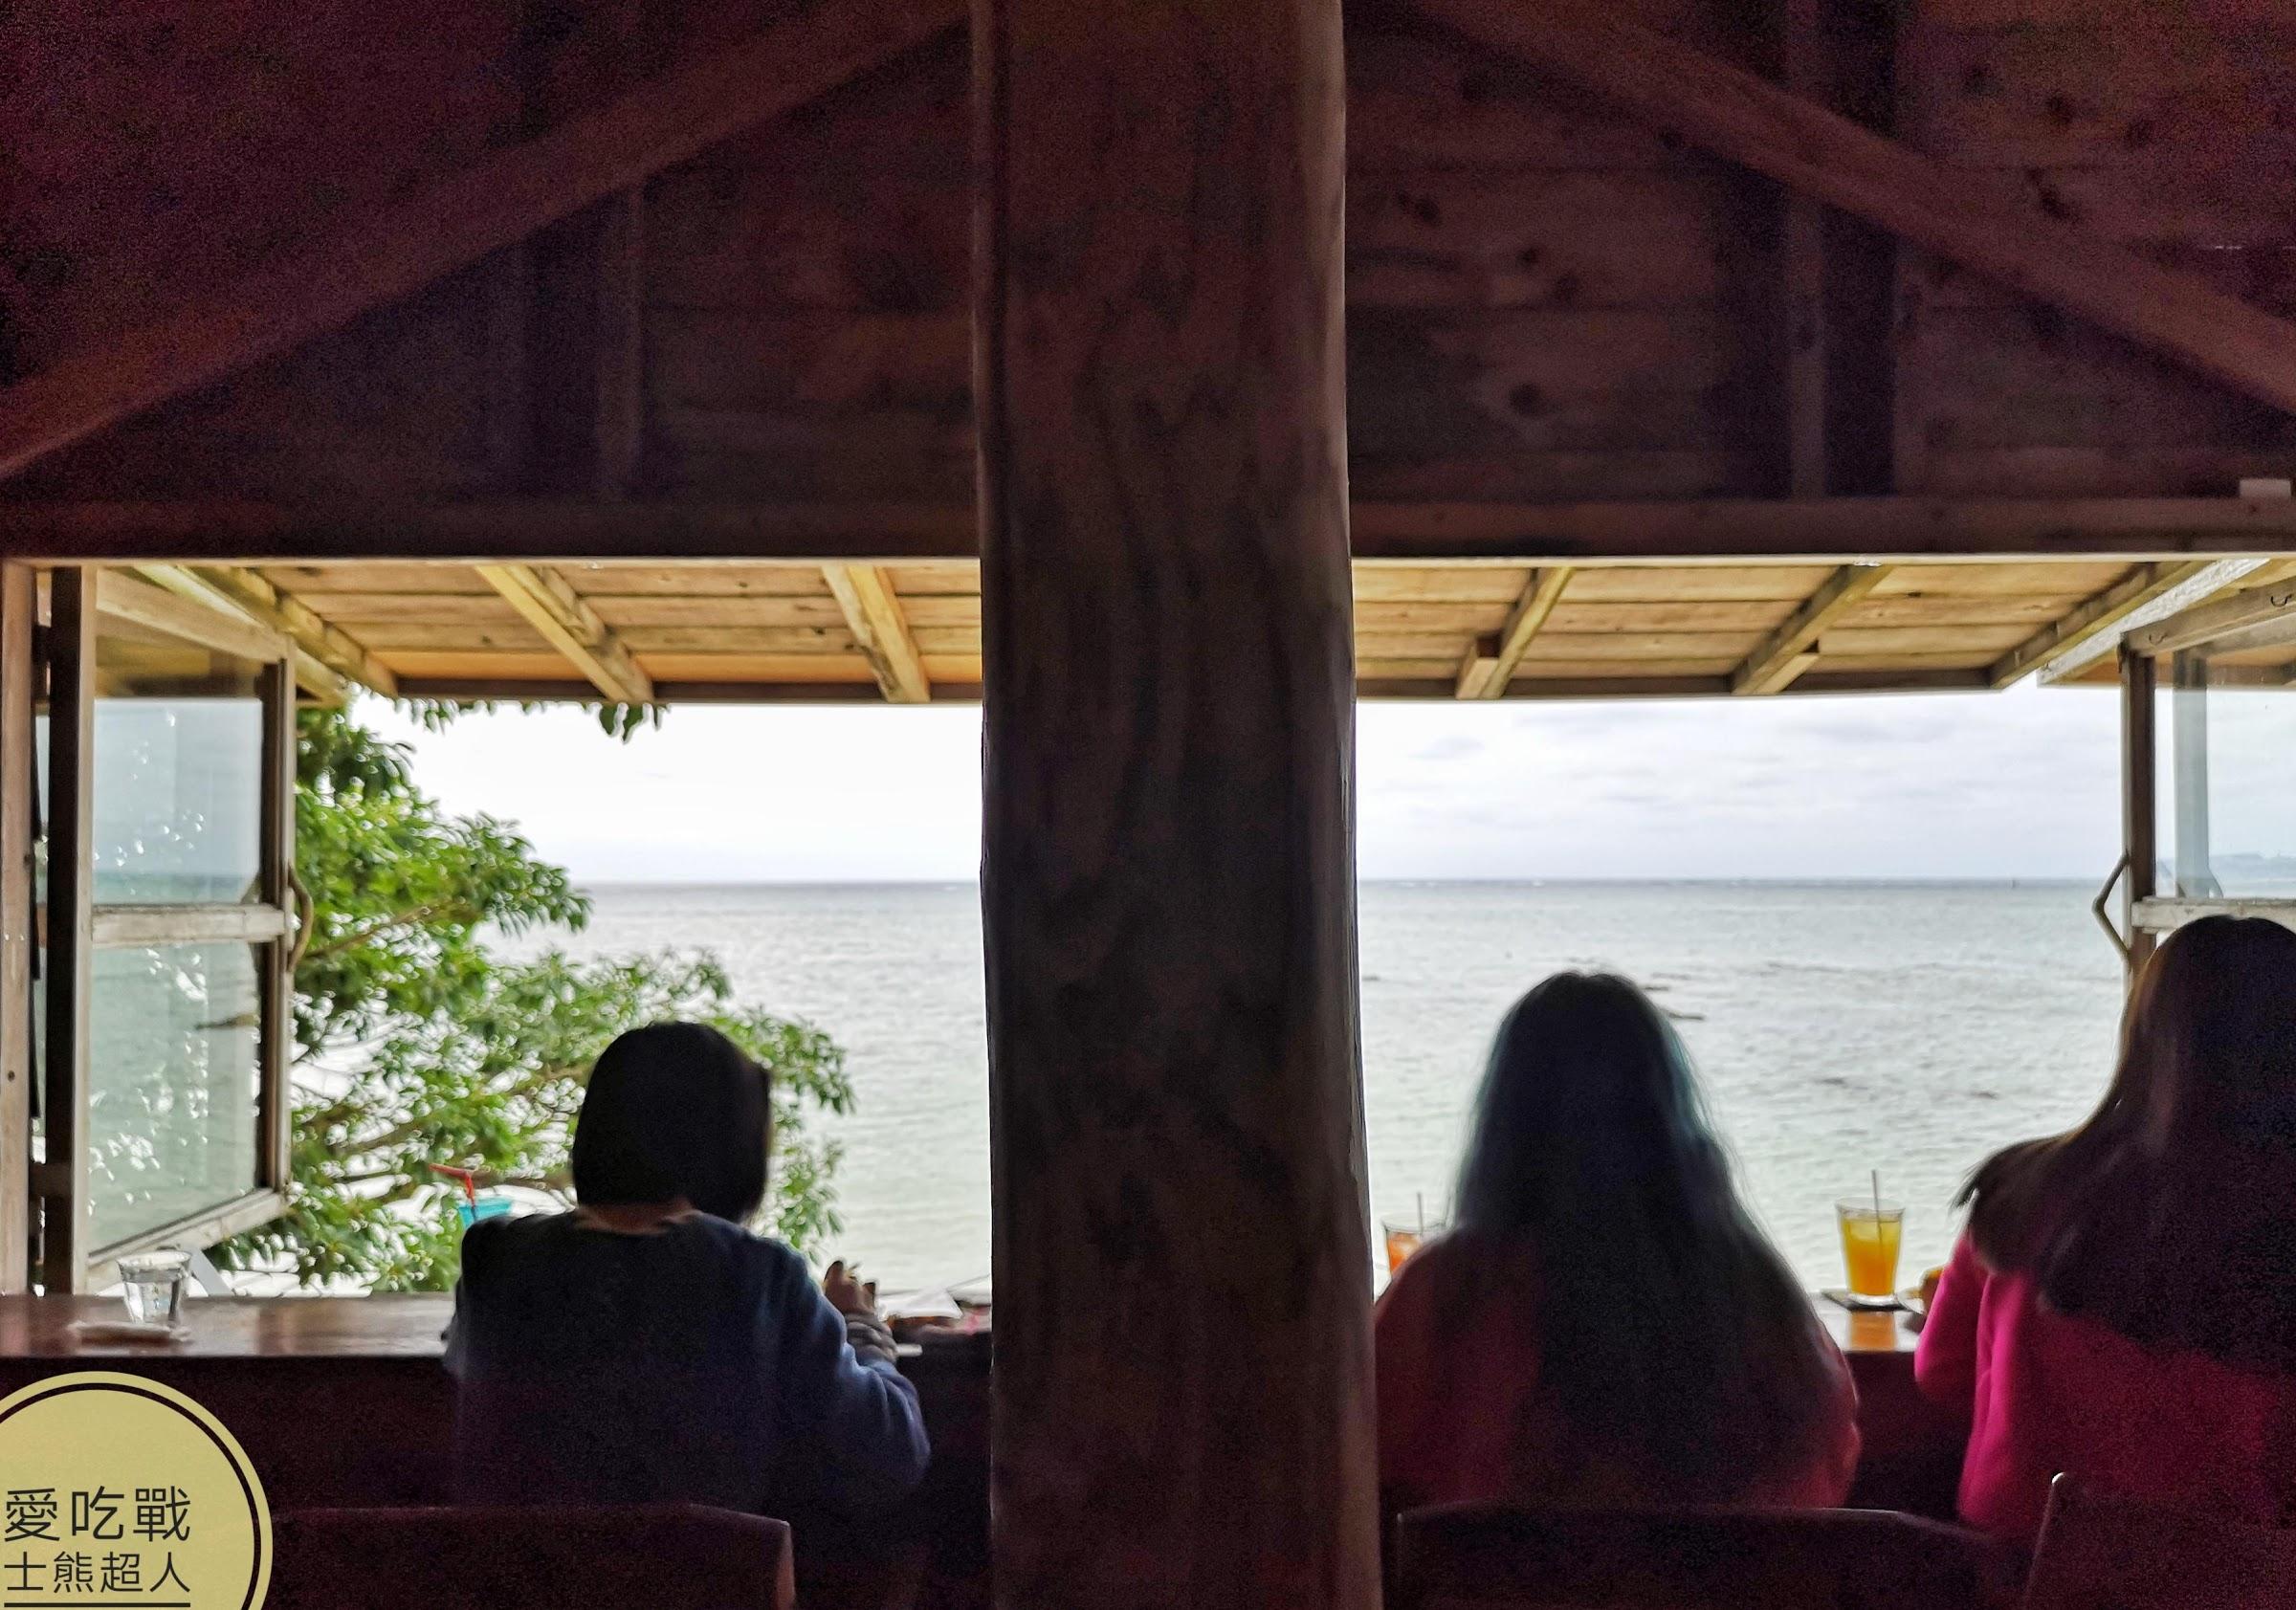 。沖繩 南城。濱邊的茶屋(浜辺の茶屋):傍著海浪的人氣海景茶屋+潮汐時間表